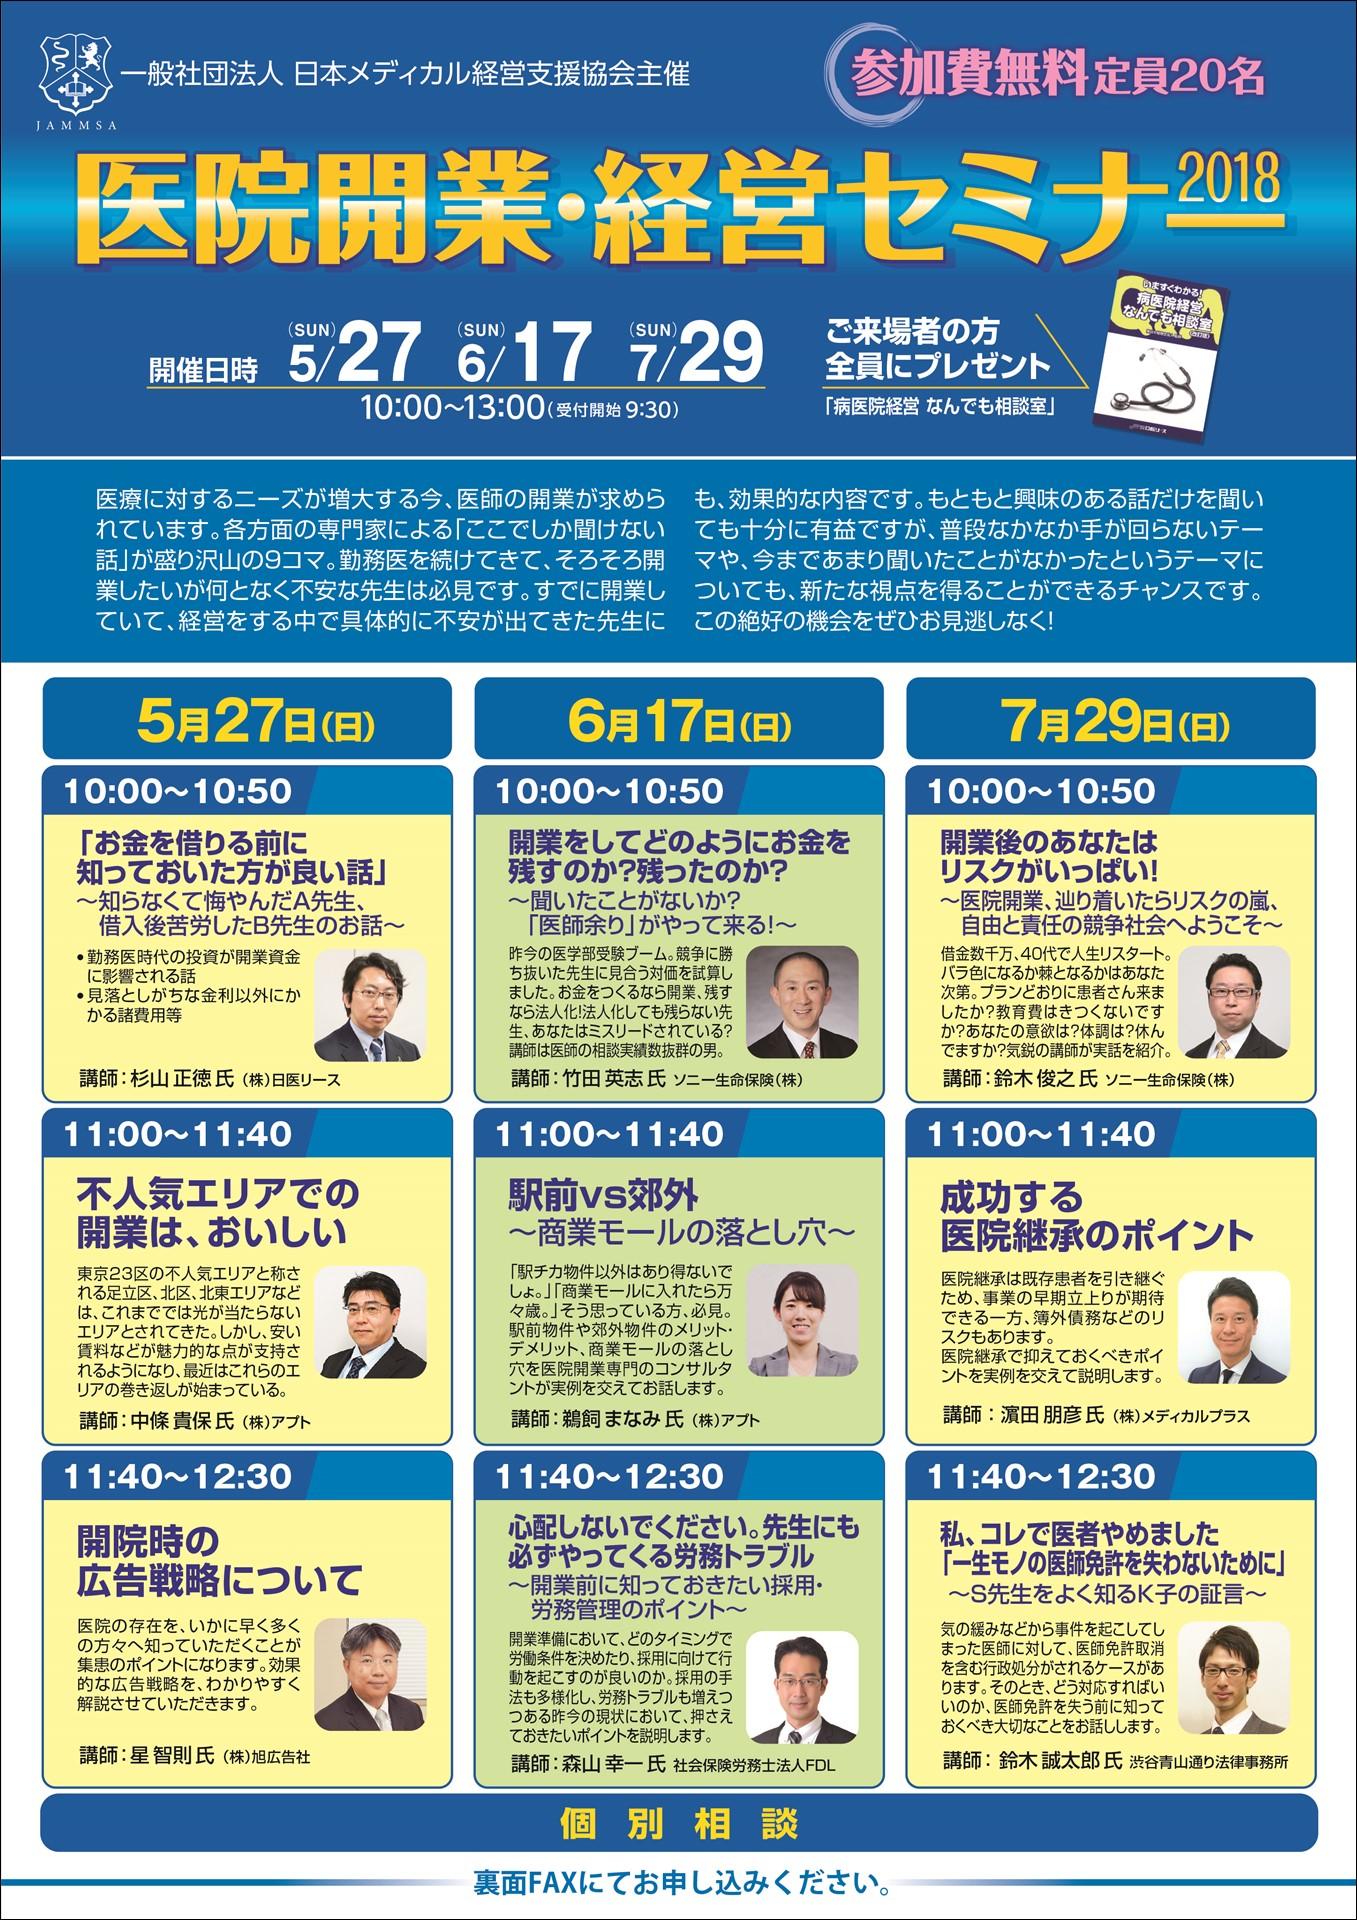 医院開業・経営セミナー